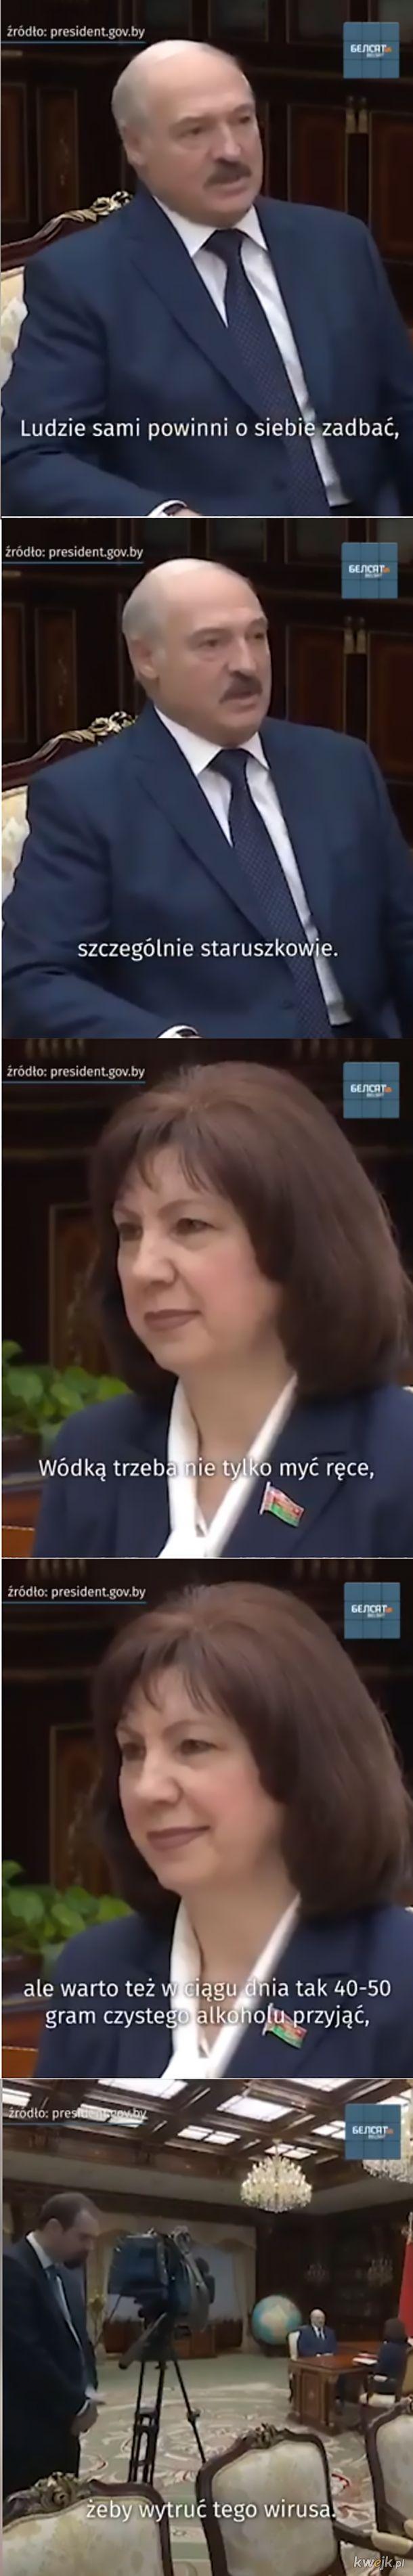 Łukaszenka wynalazł lekarstwo:)